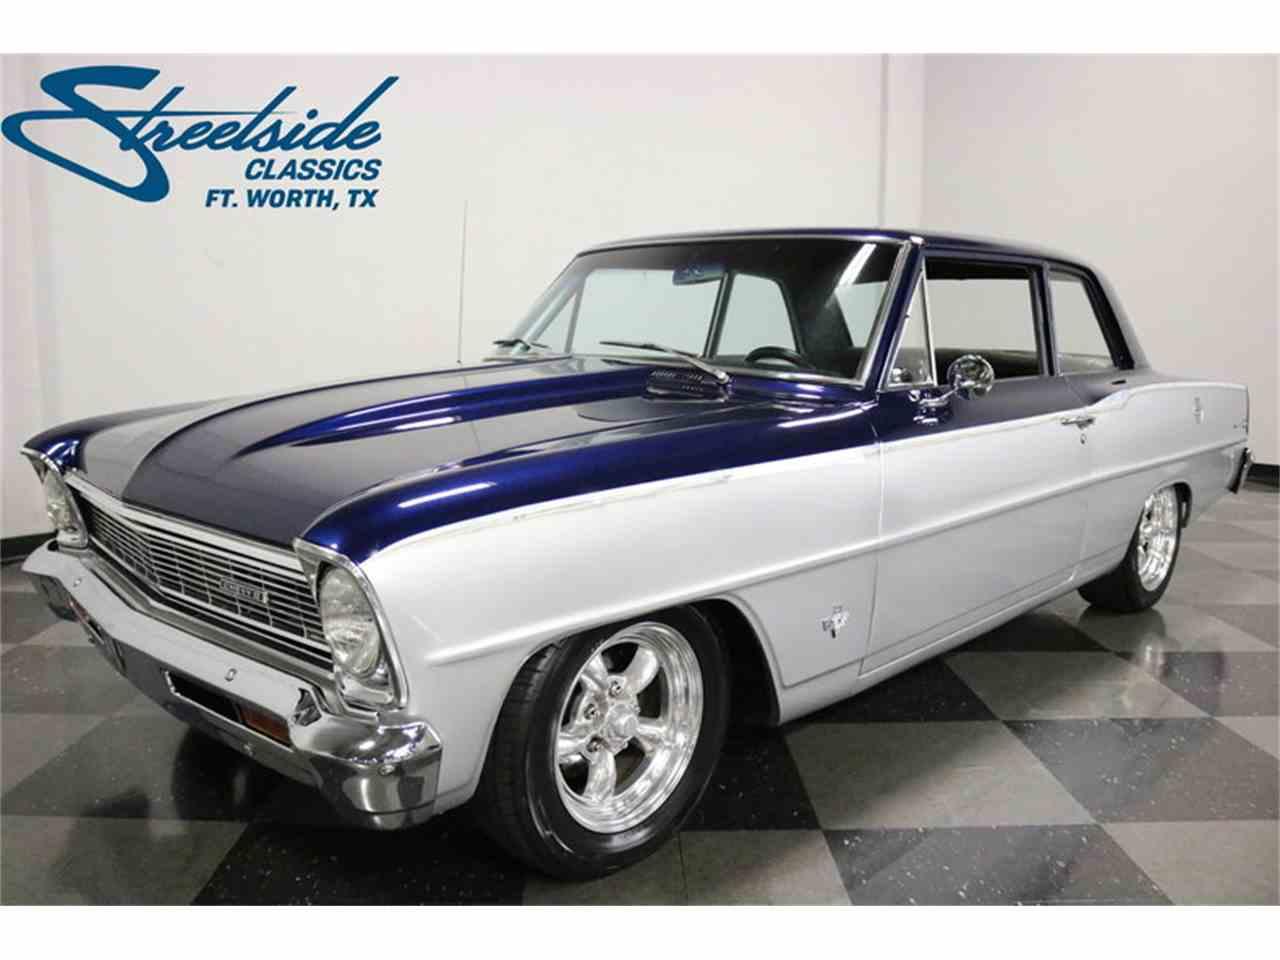 1966 Chevrolet Nova for Sale on ClassicCars.com